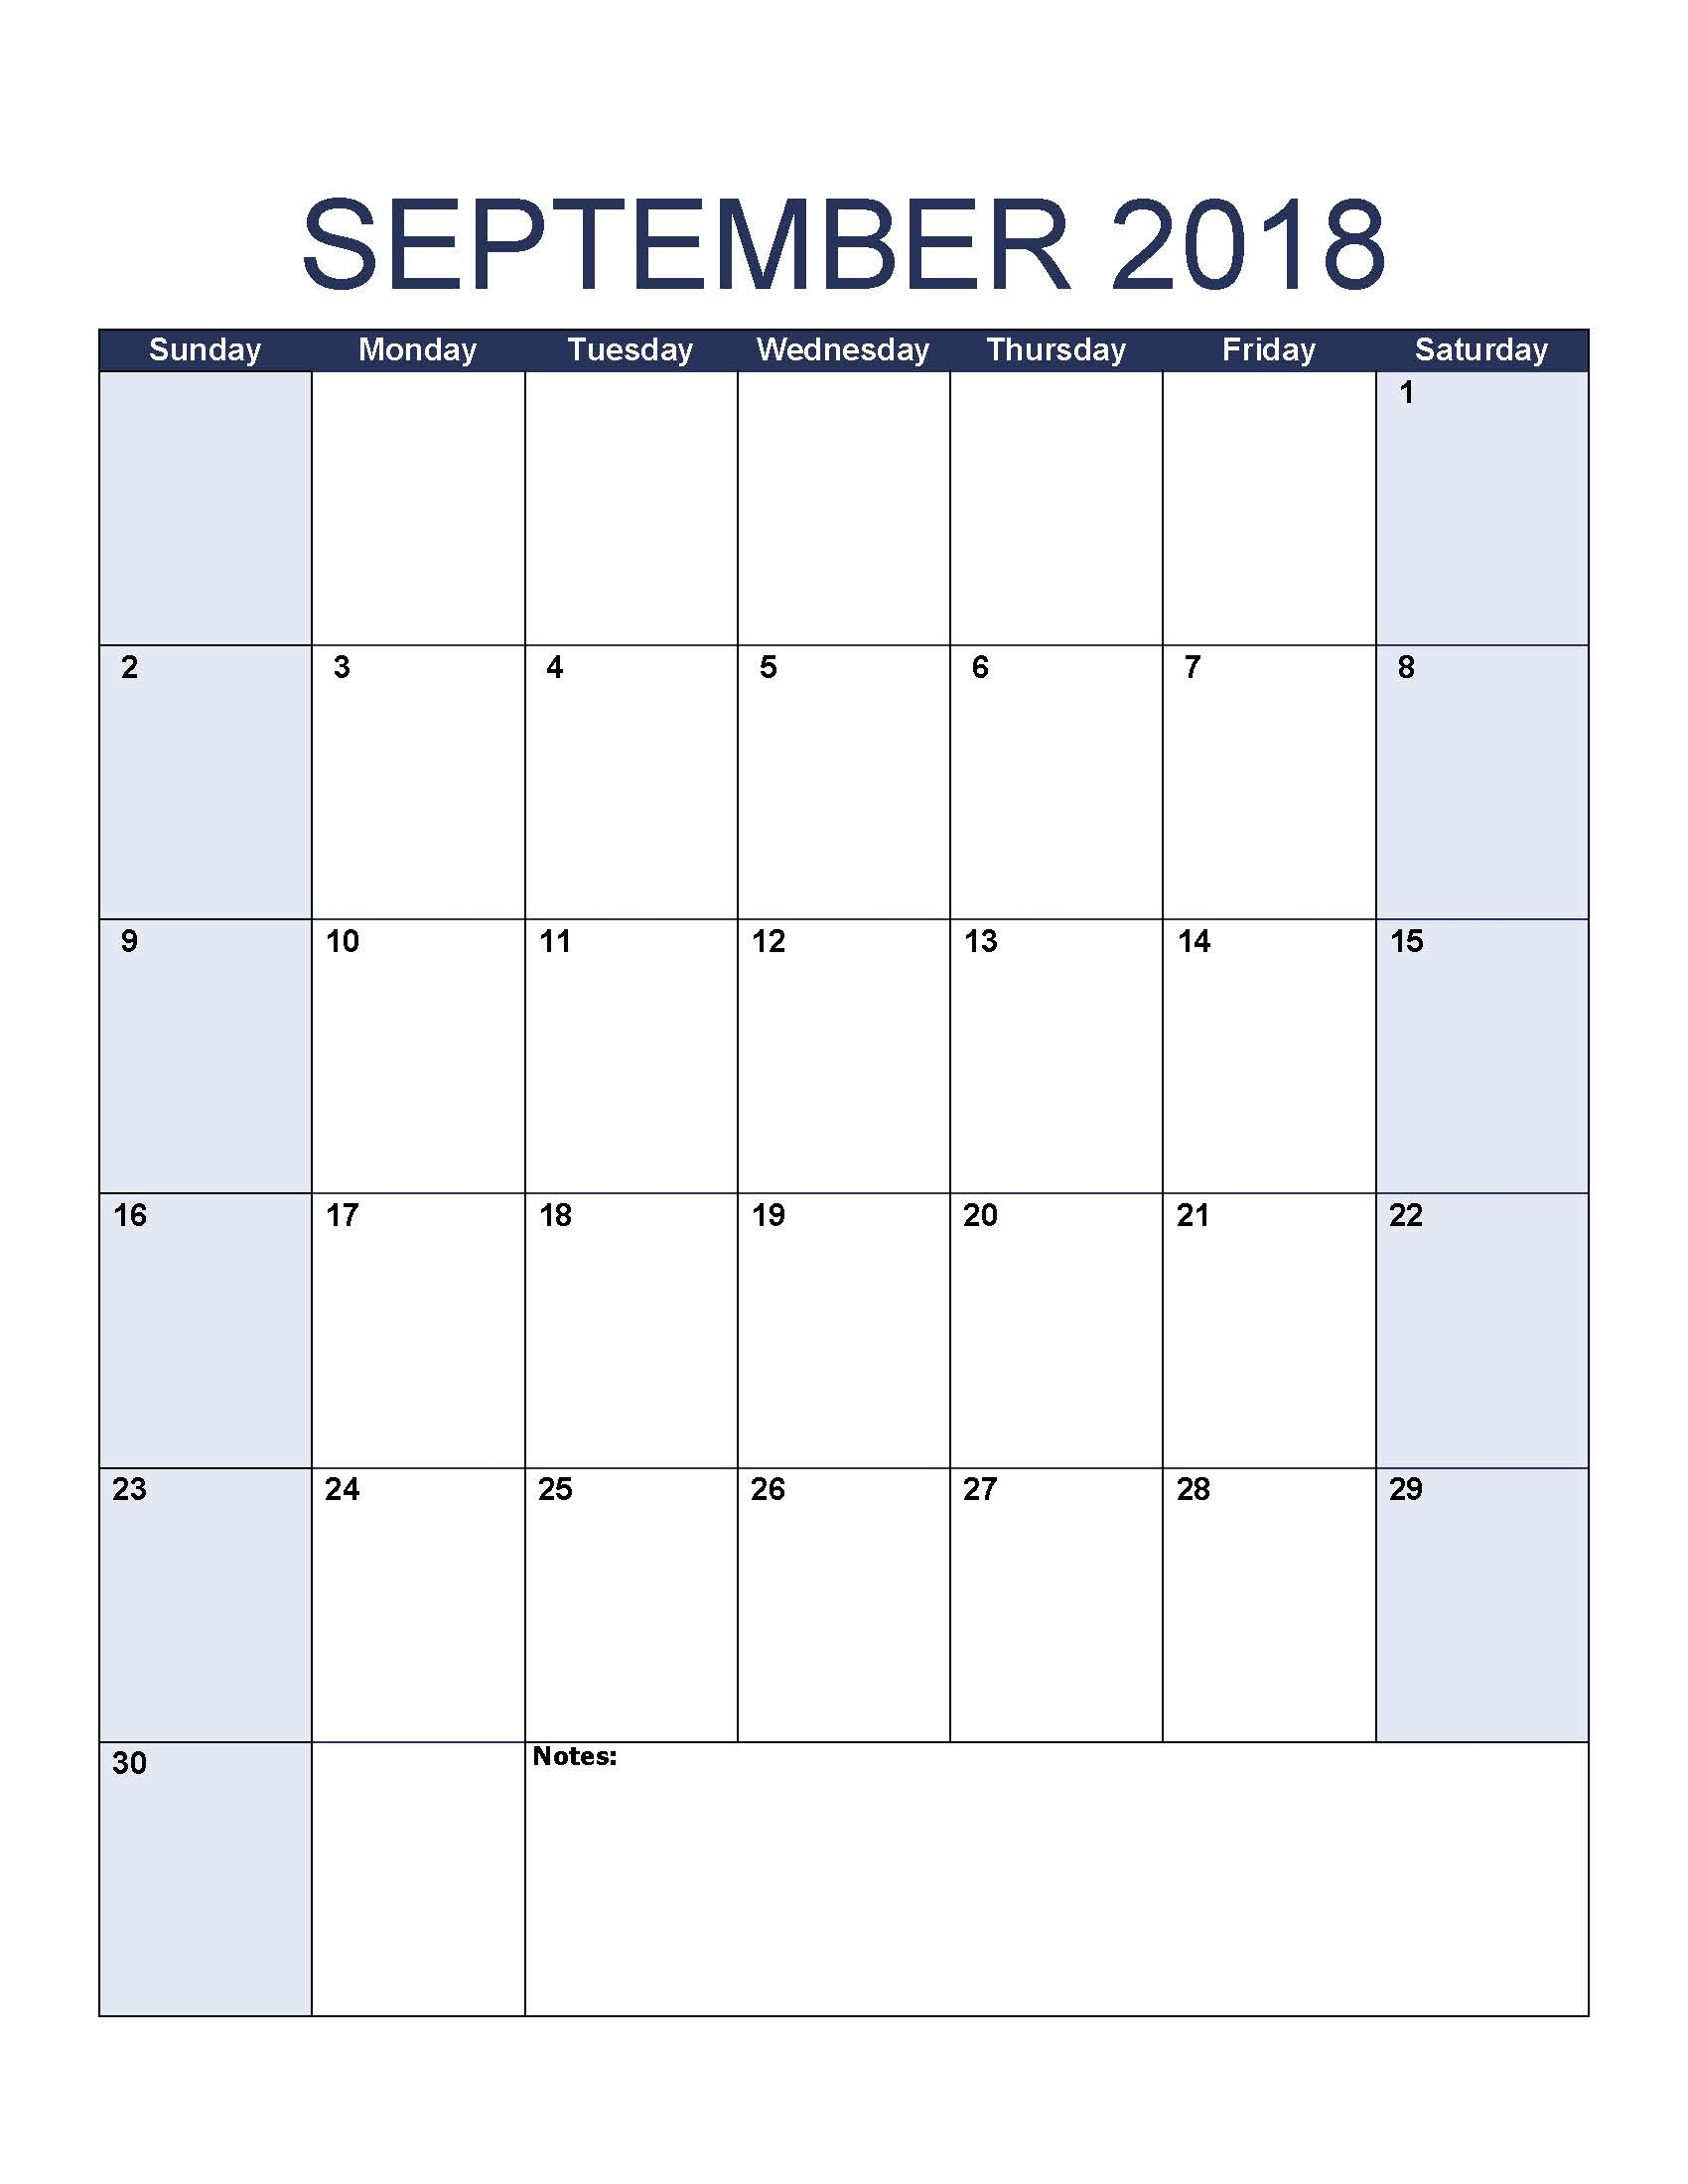 Editable Blank September 2018 Calendar Printable Pages throughout Printable Blank Calendar Pages For September